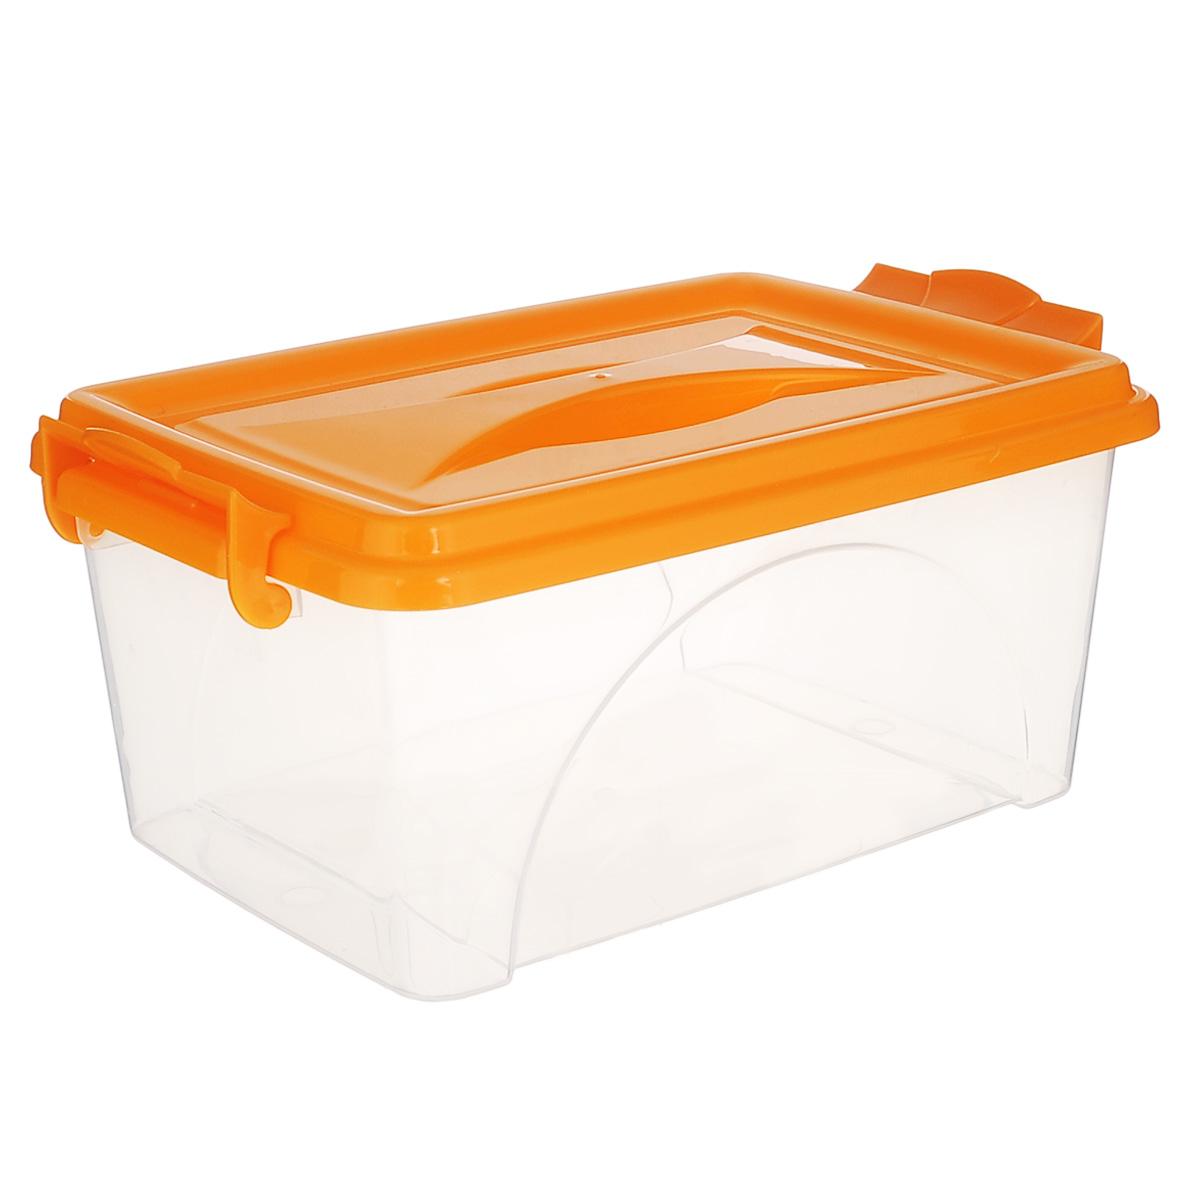 Контейнер Альтернатива, цвет: оранжевый, 30,5 х 20 х 13,5 смМ 2866Контейнер Альтернатива выполнен из прочного пластика. Он предназначен для хранения различных бытовых вещей и продуктов.Контейнер оснащен по бокам ручками, которые плотно закрывают крышку контейнера. Также на крышке имеется ручка для удобной переноски. Контейнер поможет хранить все в одном месте, он защитит вещи от пыли, грязи и влаги.